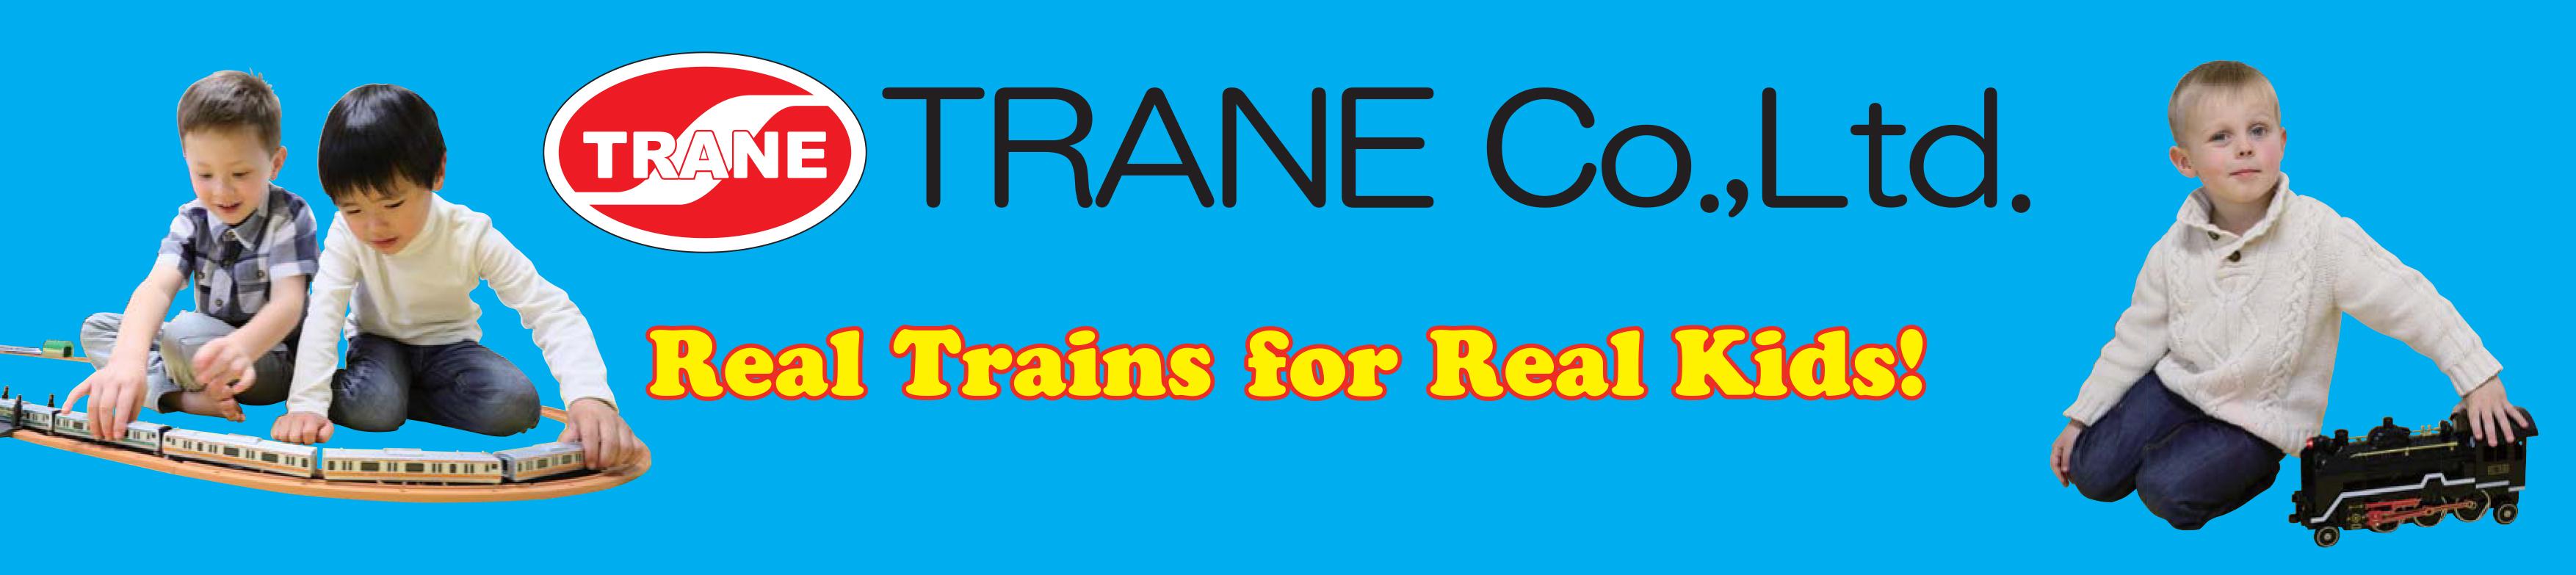 TRANE Co.,Ltd.